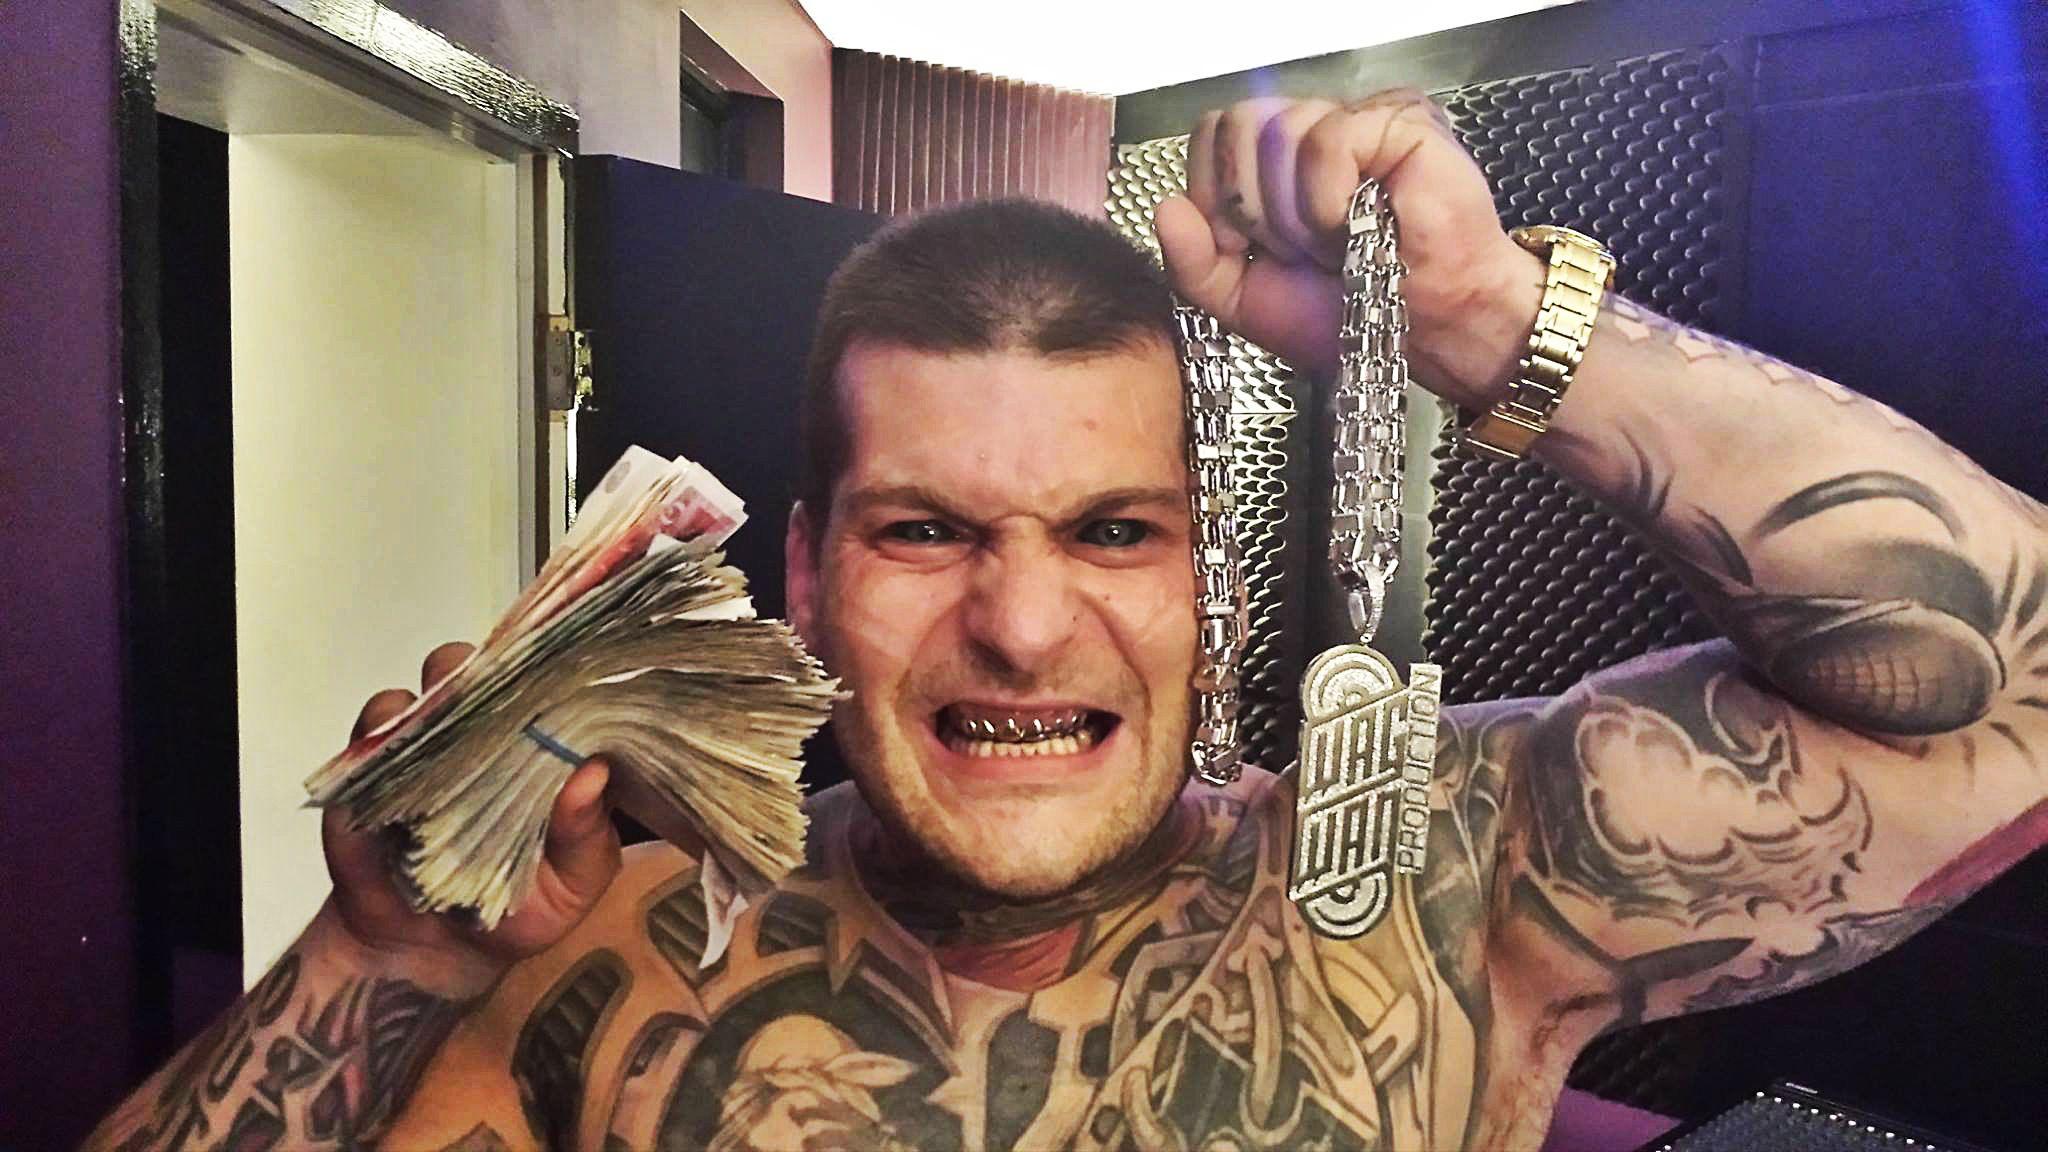 Nie muzyka, ani walki MMA. Popek zbija fortunę na nietypowym biznesie